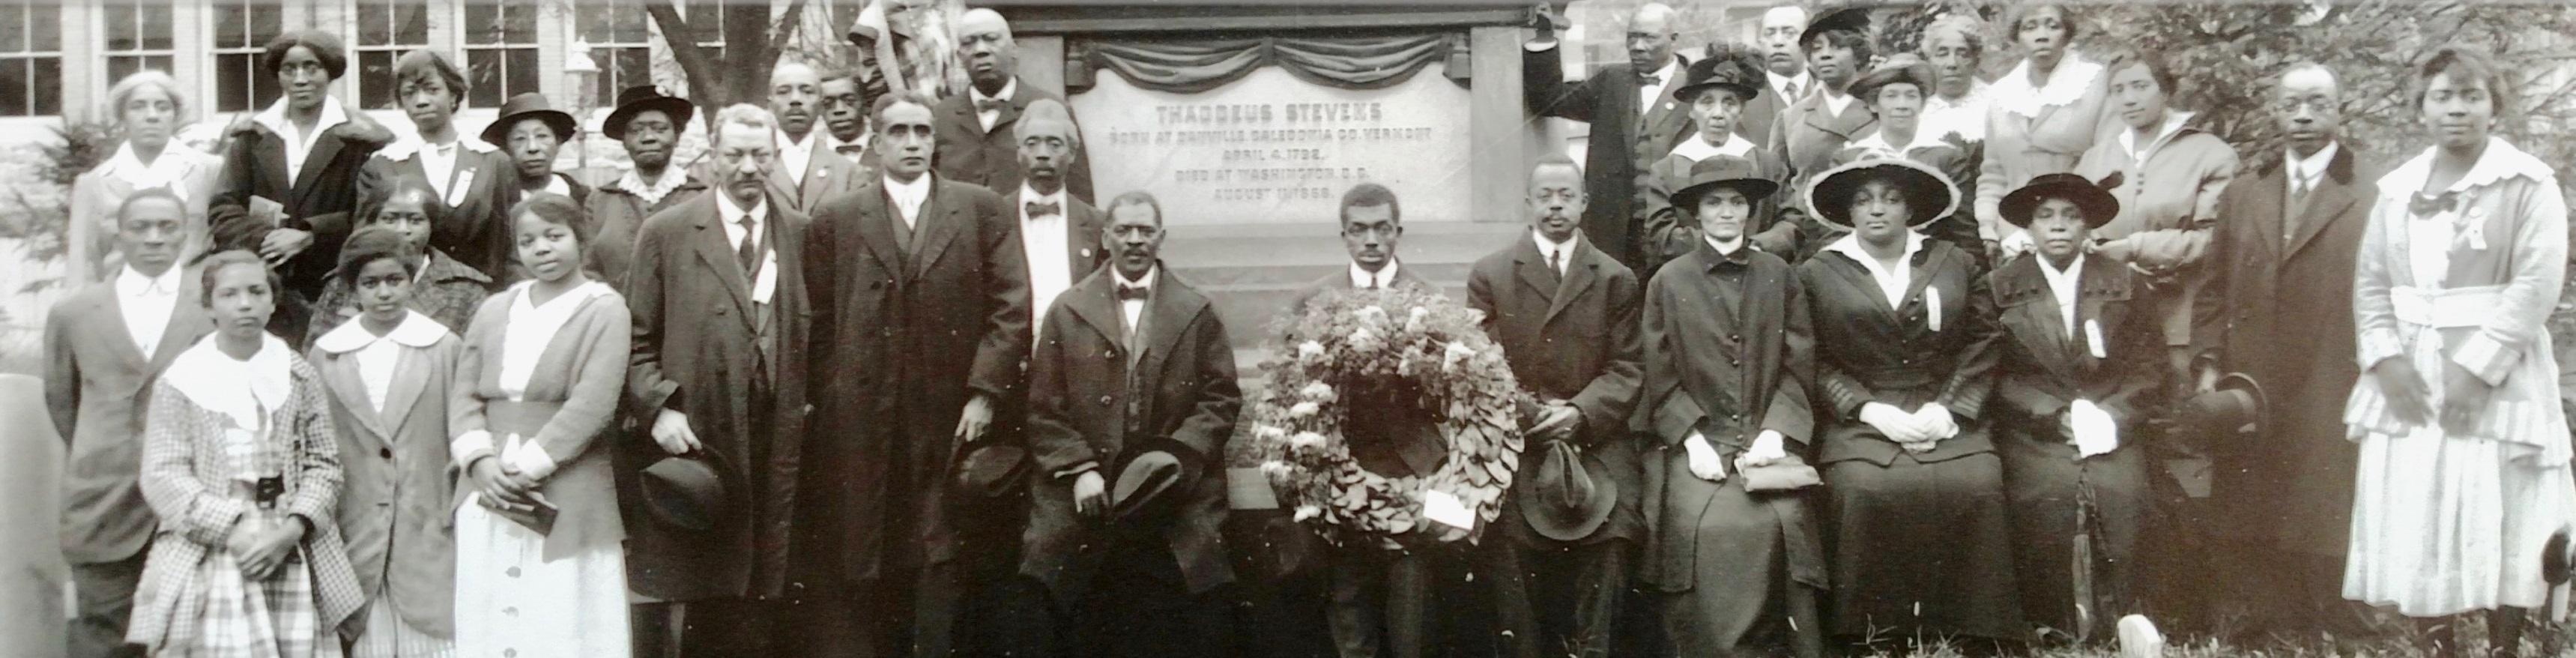 Negro Civ League1918